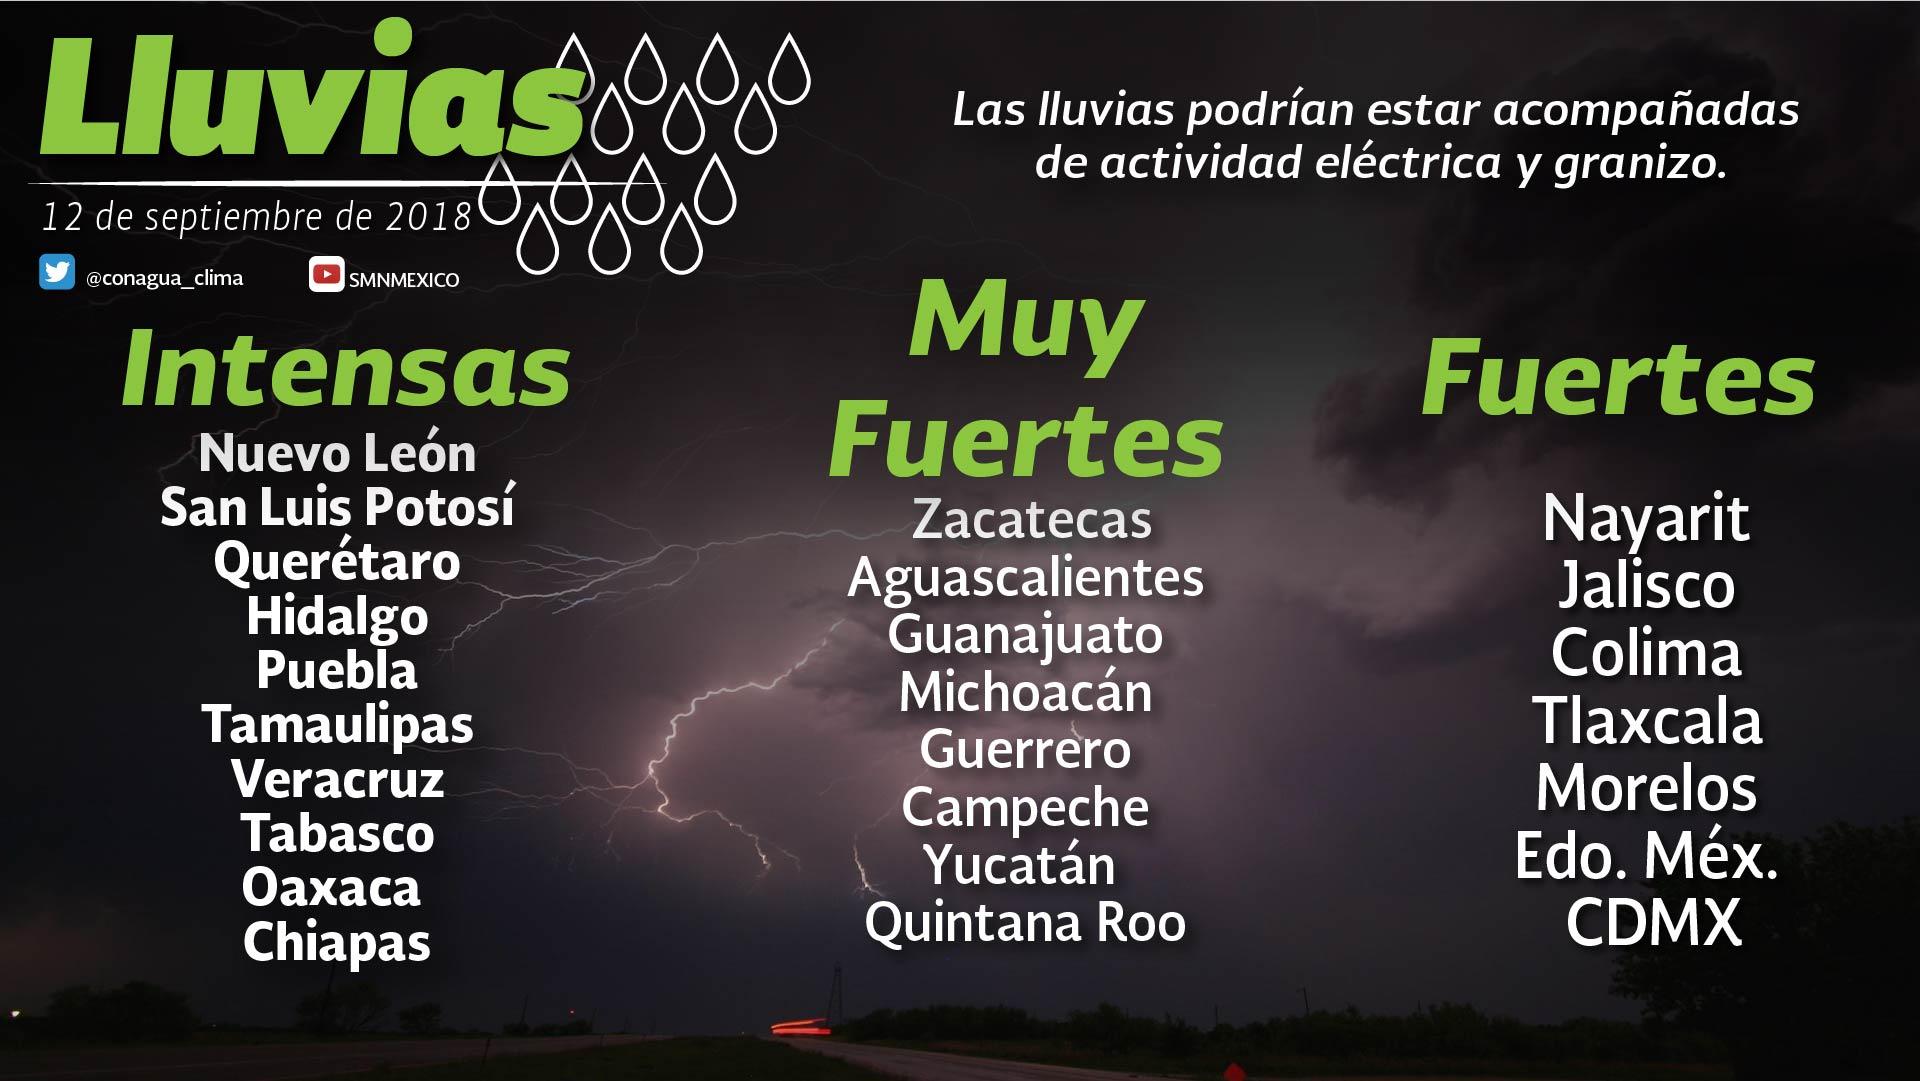 Persiste el pronóstico de tormentas fuertes para Tlaxcala